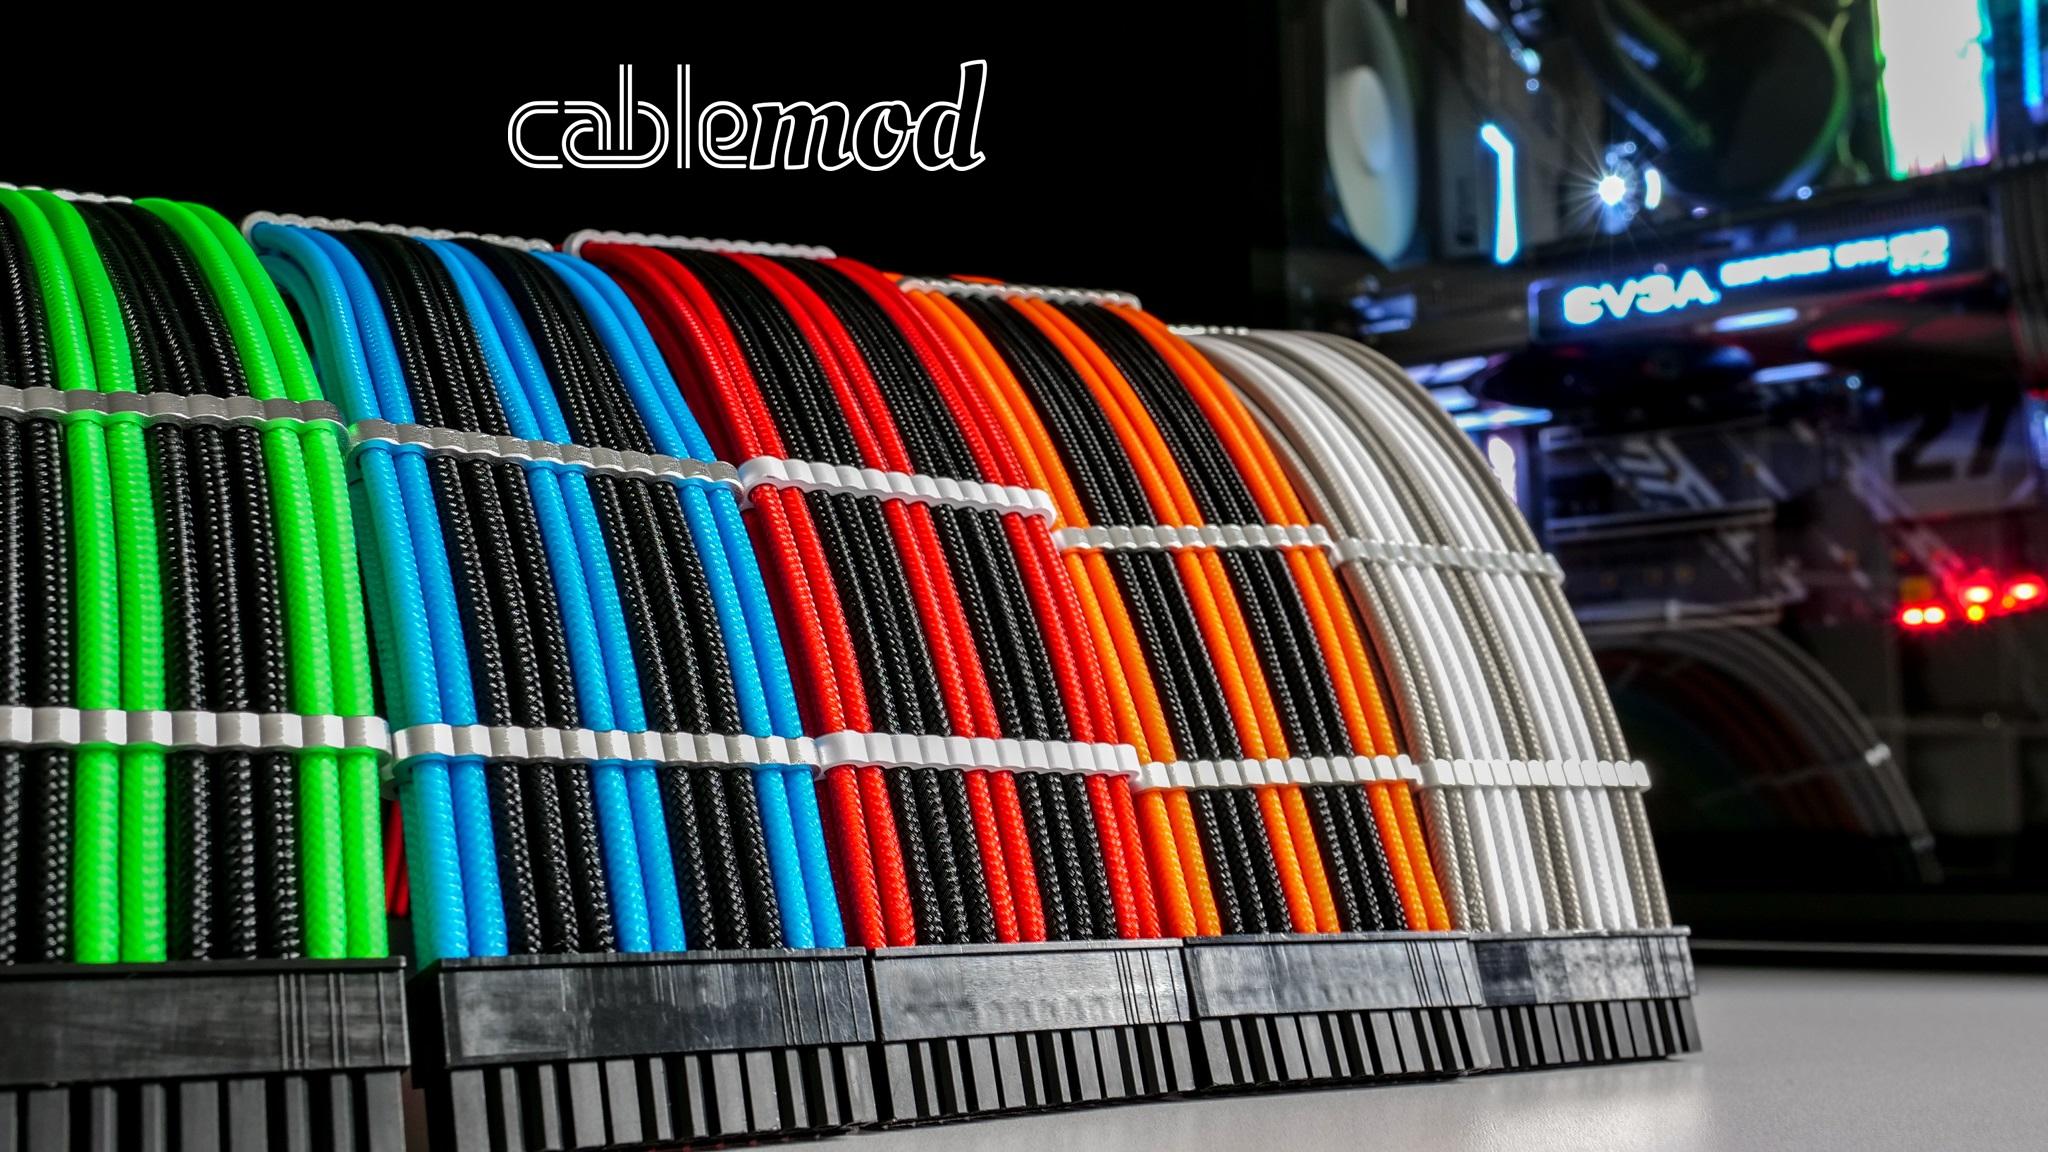 (Caseking) Cablemod 25% auf das gesamte Sortiment (+5,99 Versand, -2€ bei Vorkasse)